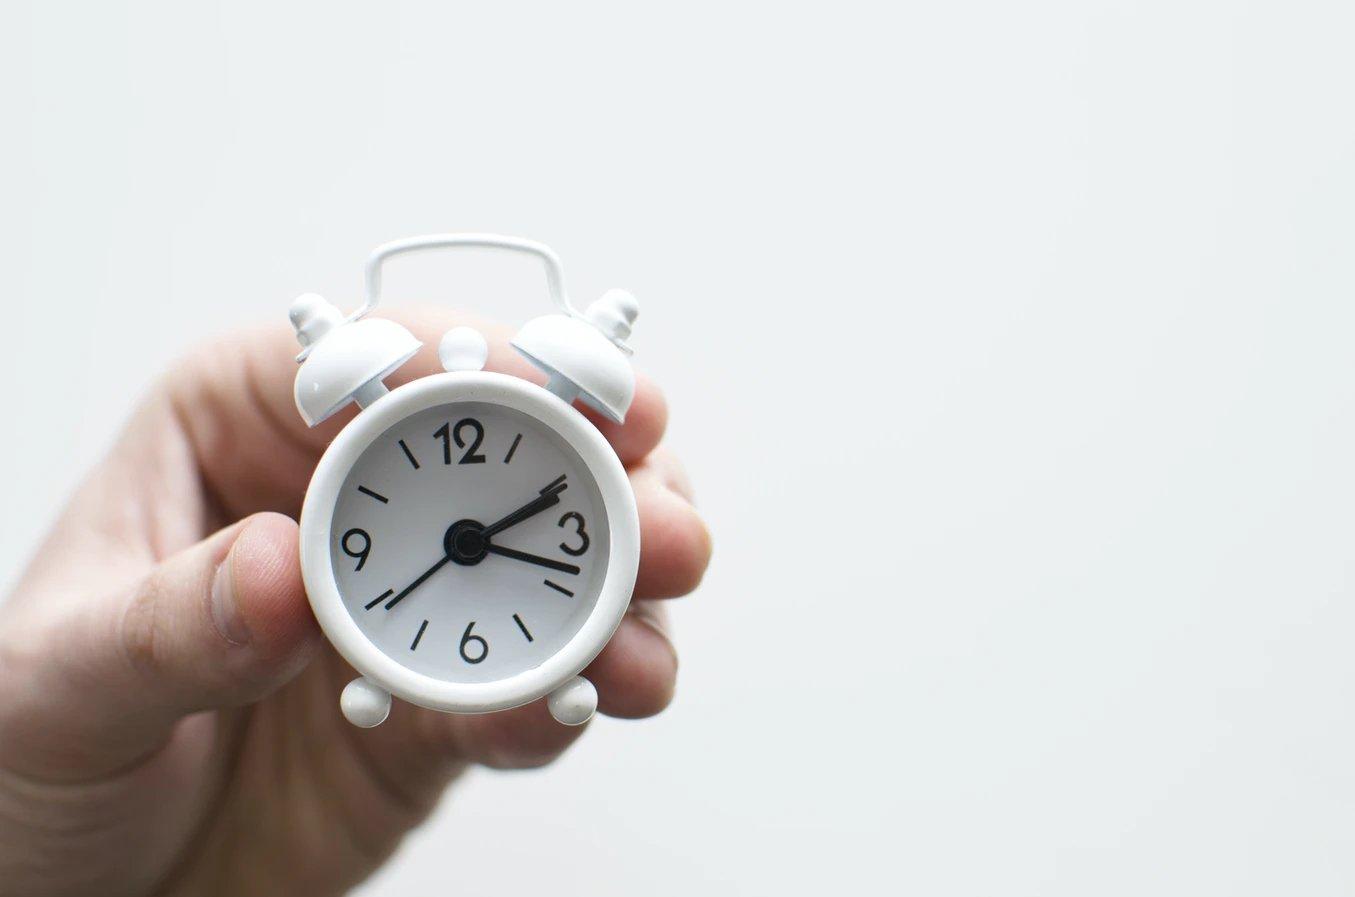 relógio numa mão